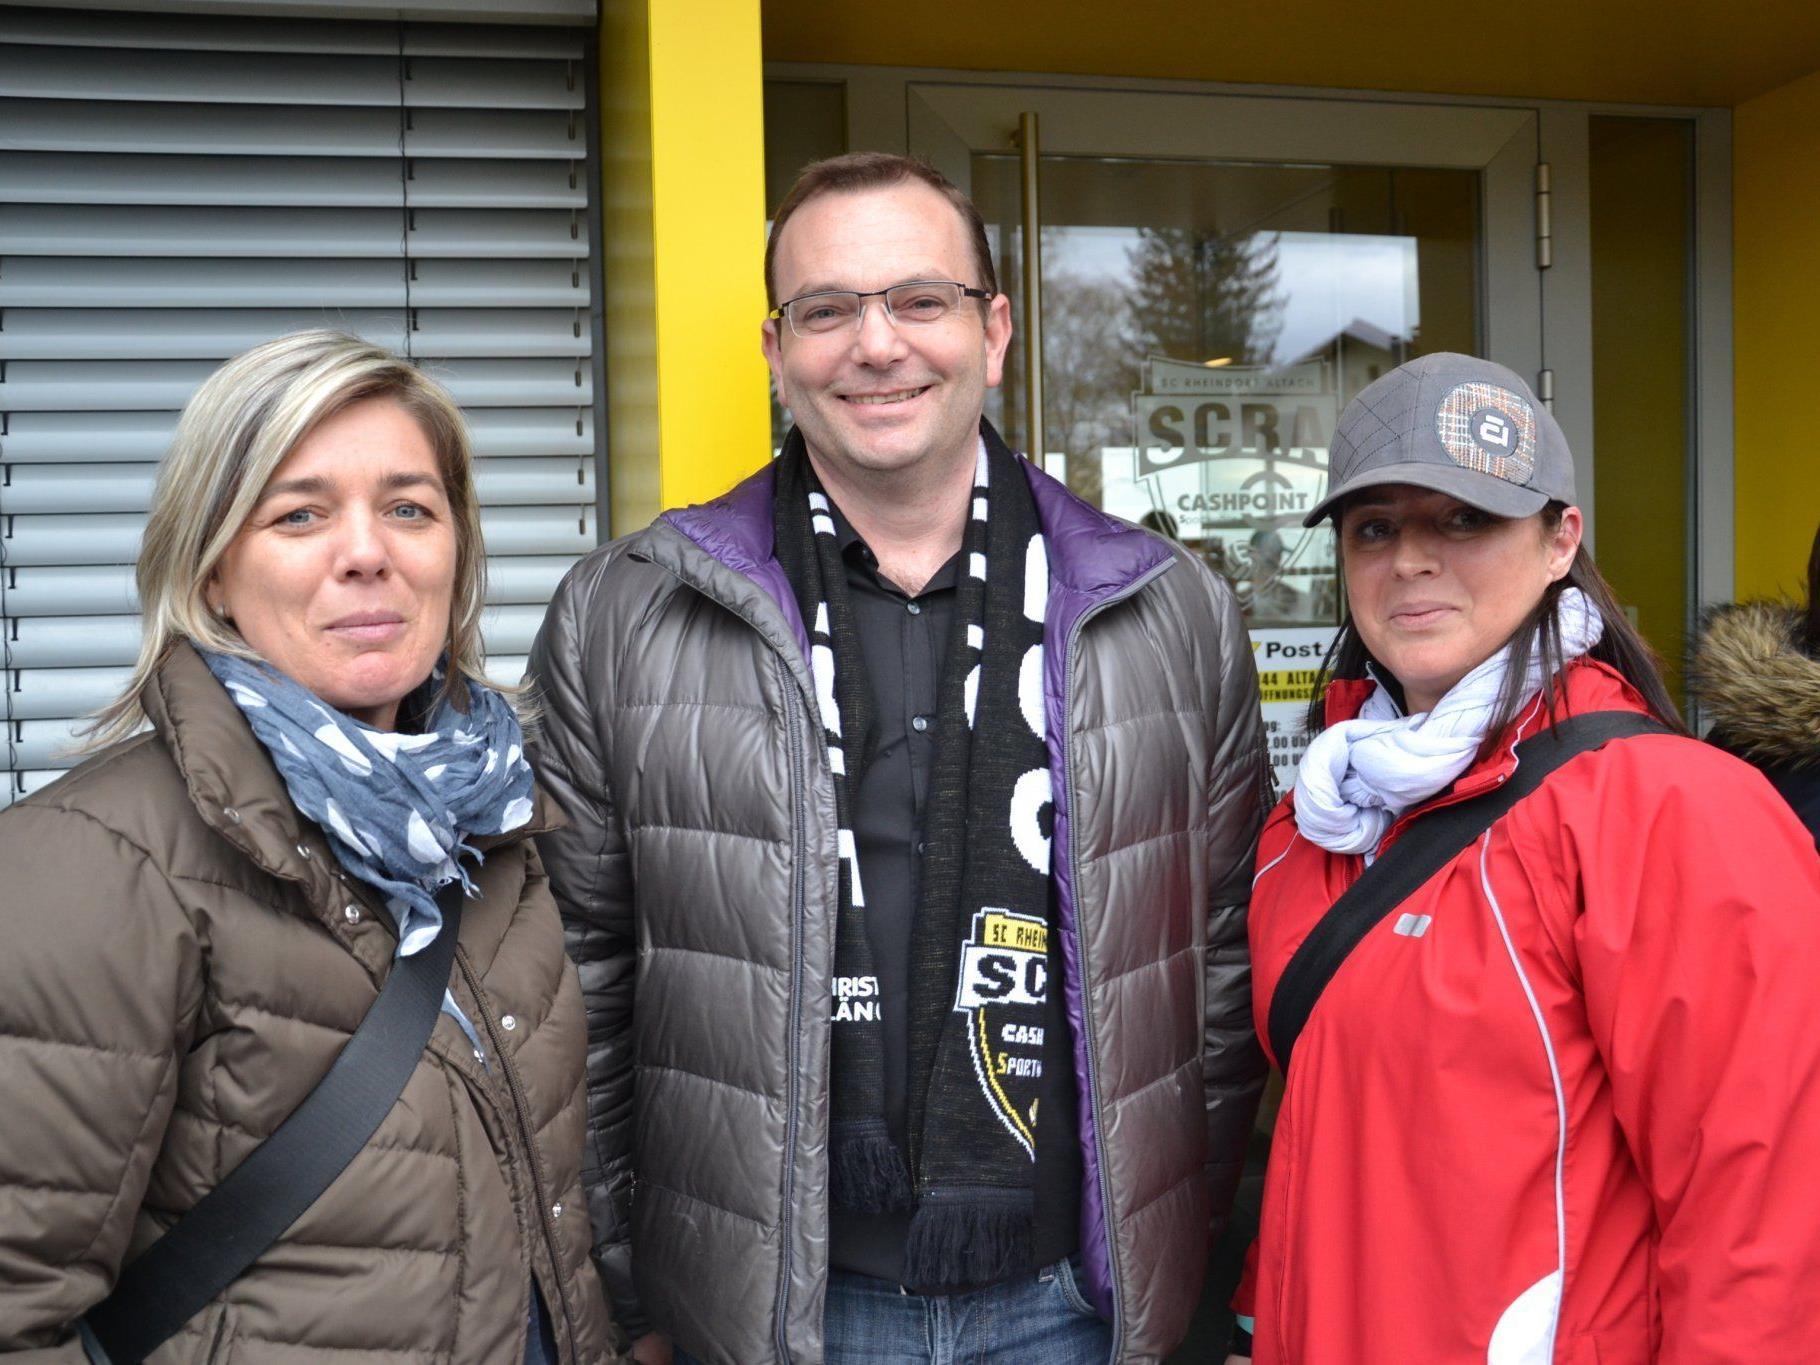 v.l. Christine Böhmwalder, SCRA GF Christoph Längle & Susanne Amann (WG amKumma) freuten sich auf ein spannendes Spiel